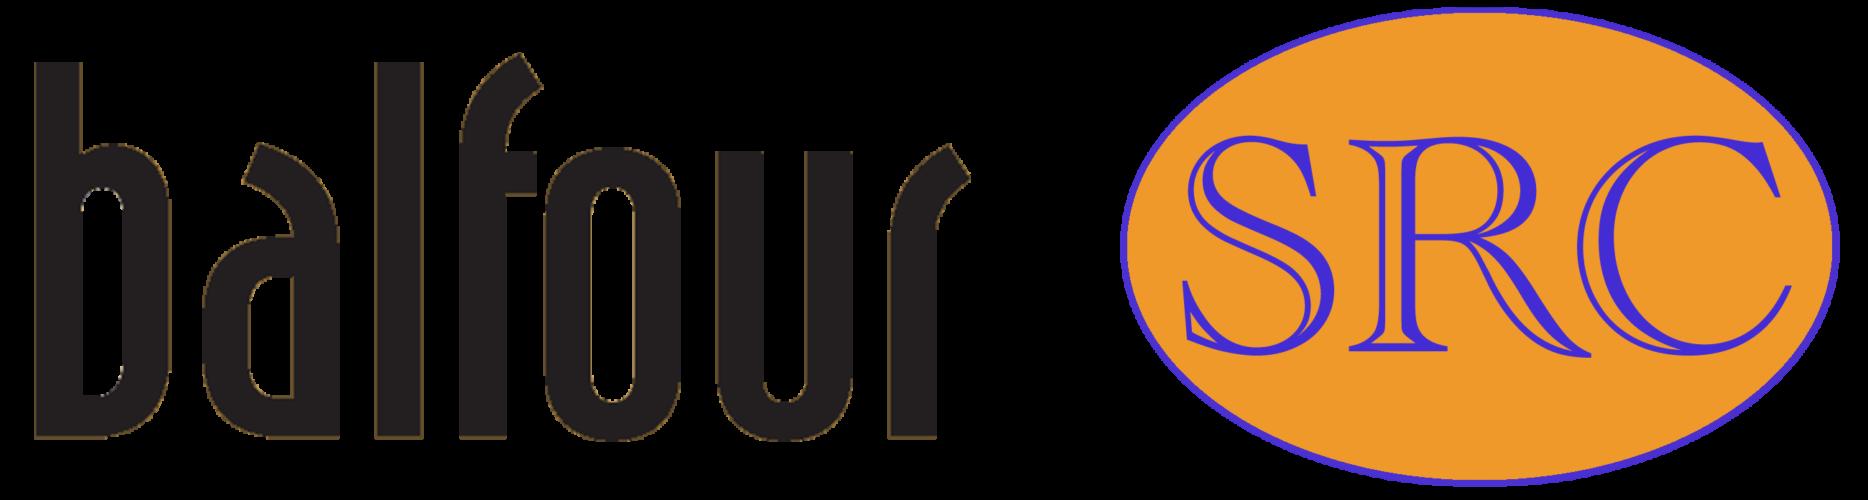 logo for balfour src